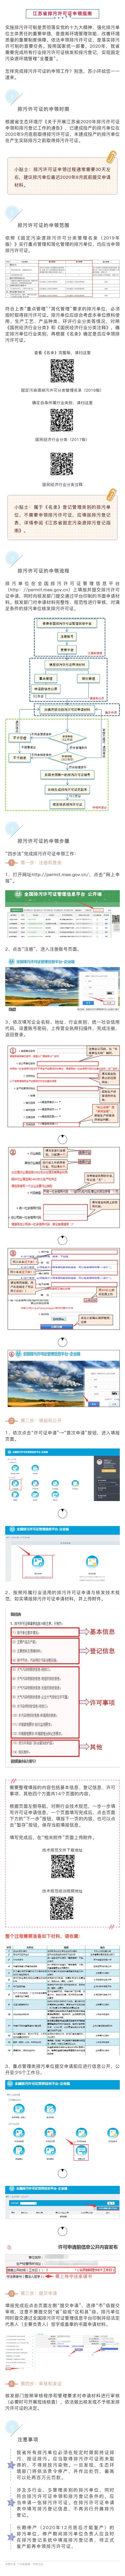 江苏省排污许可申请指南.jpg